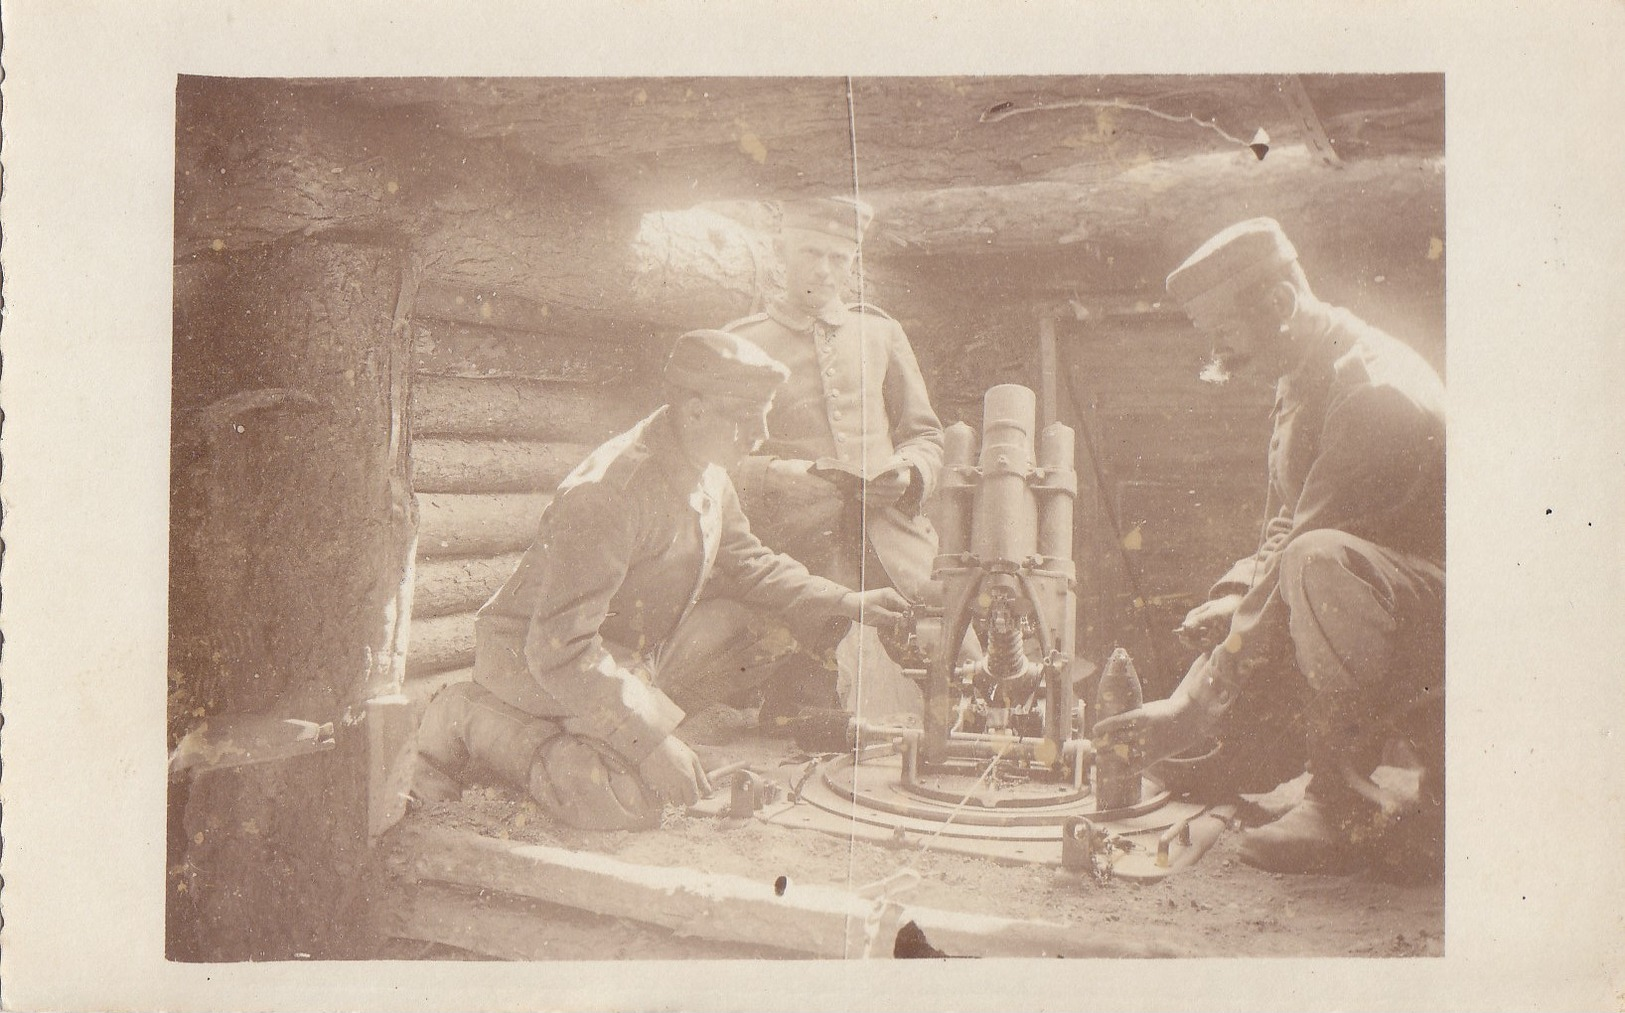 Foto Minenwerfer Im Schützengraben Artillerie Munition 1917 Deutsche Soldaten 1.Weltkrieg - Oorlog, Militair